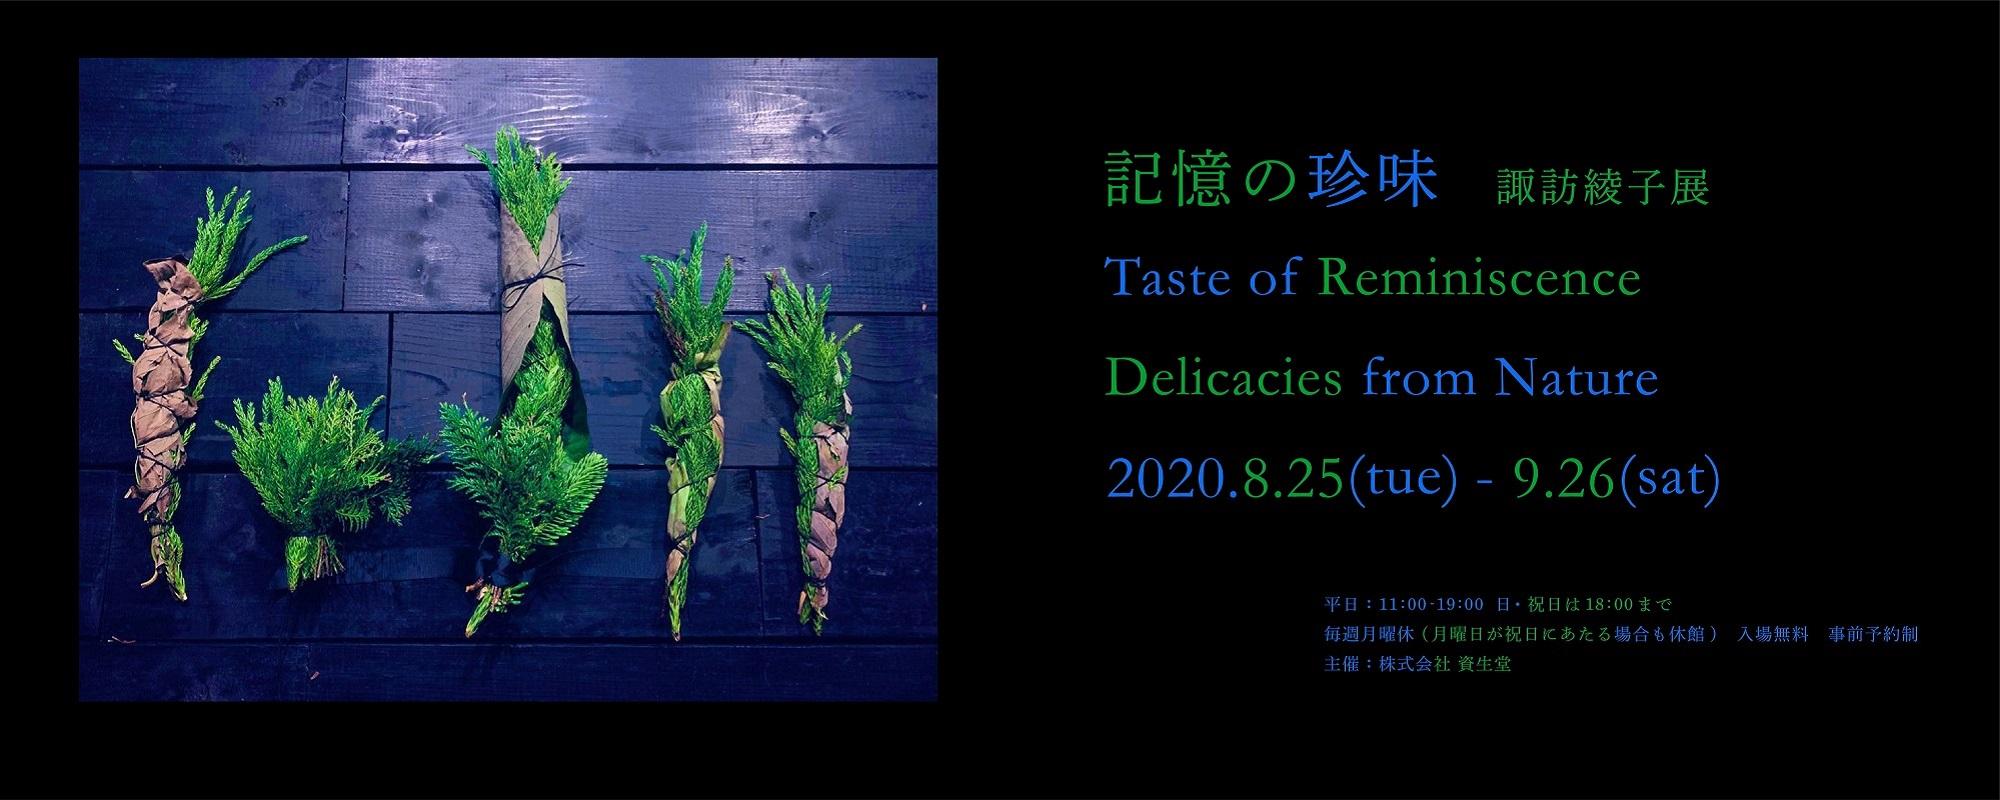 記憶の珍味 諏訪綾子展 Taste of Reminiscence Delicacies from Nature 8月25日~9月26日